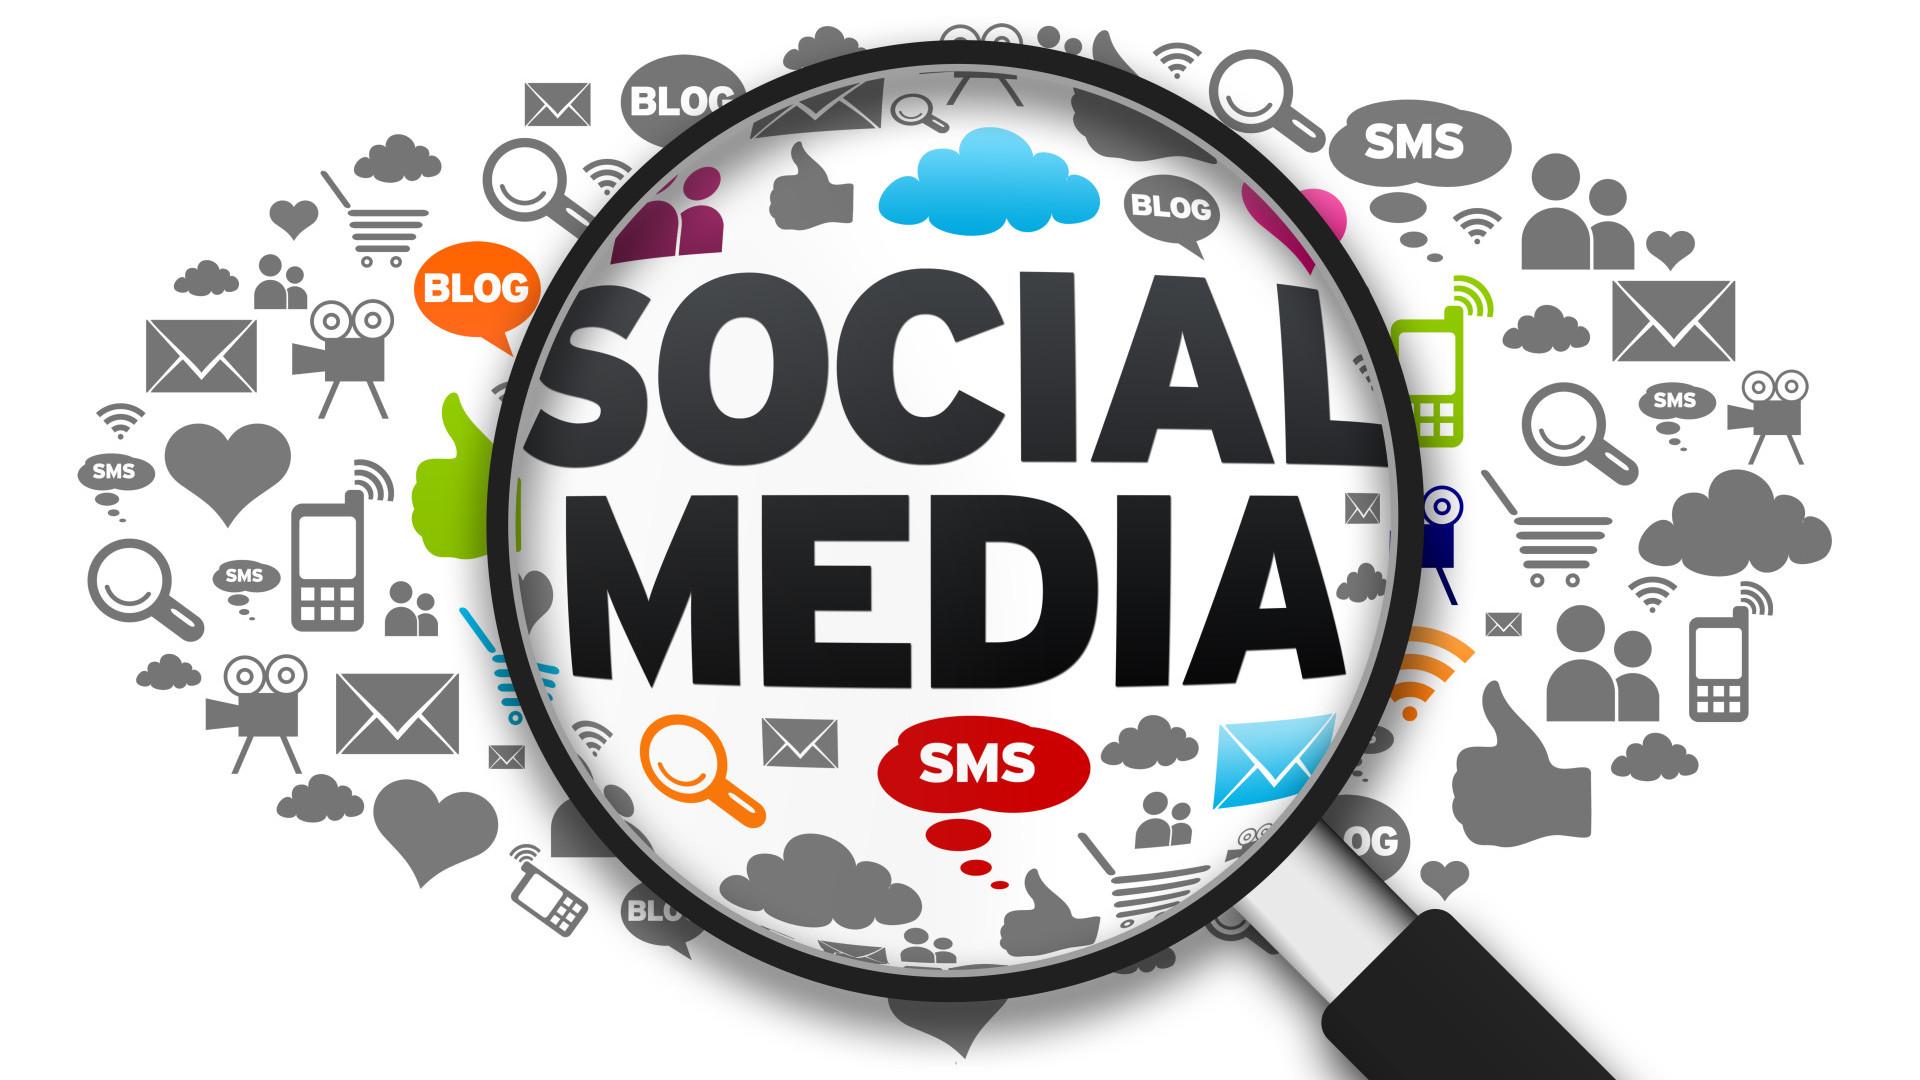 SME: Social media essentials and digital marketing 2